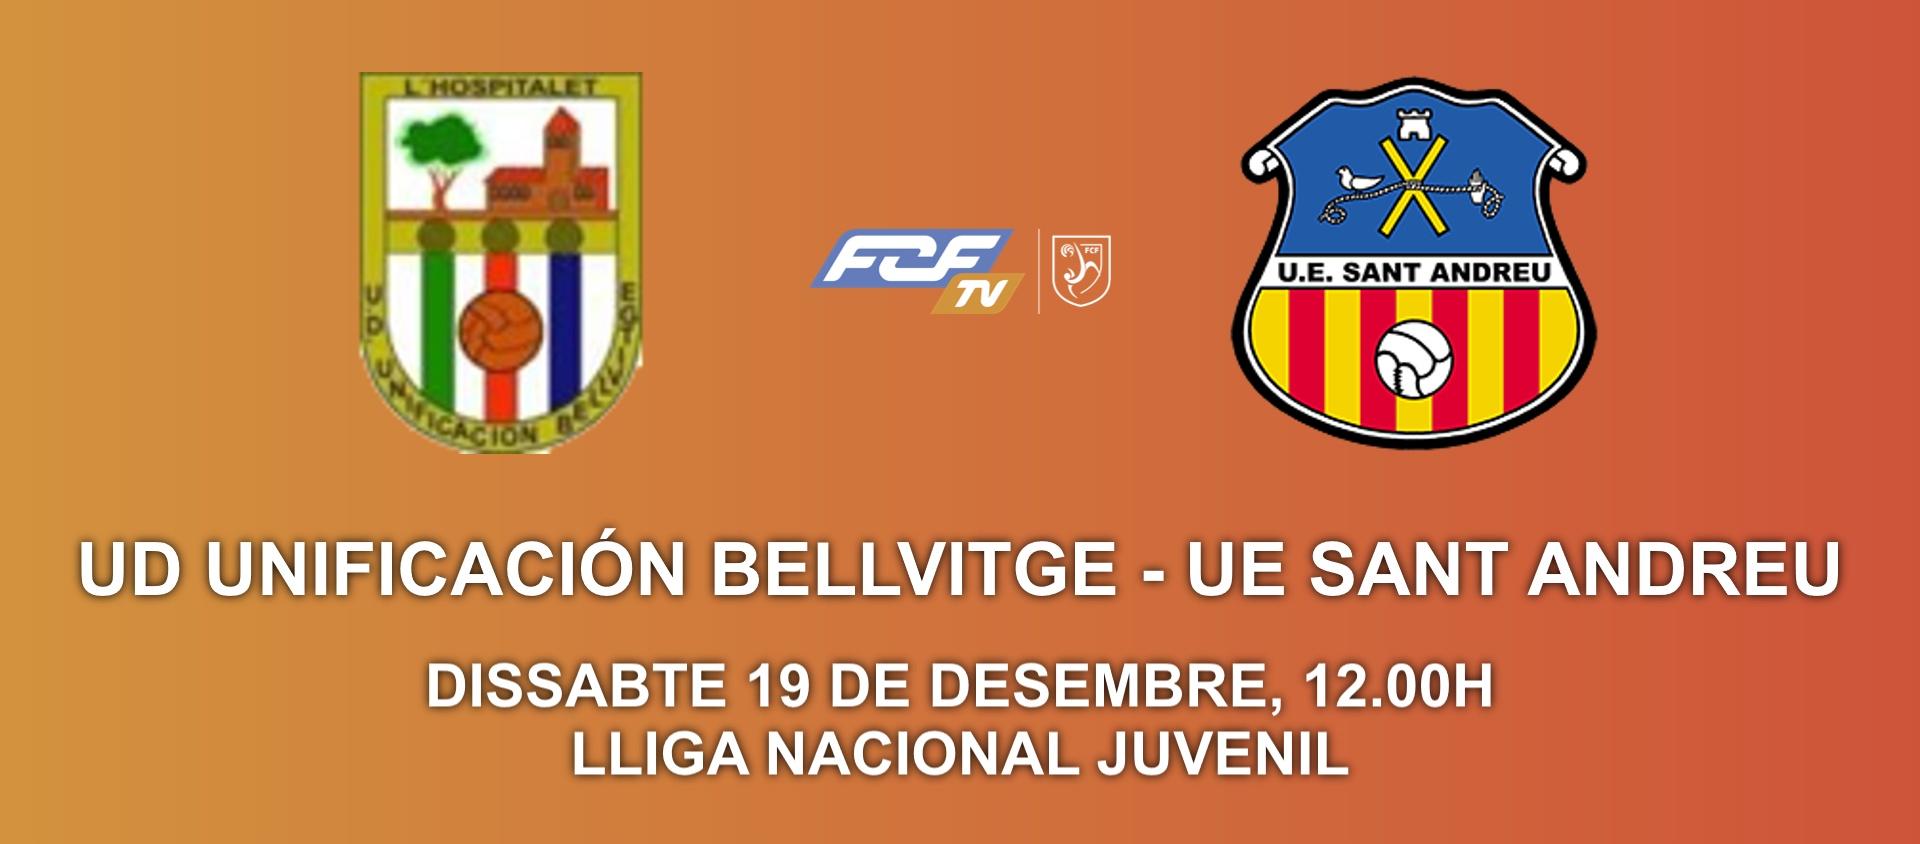 La FCF TV retransmitirá el partido UD Unificación Bellvitge - UE Sant Andreu de la Liga Nacional Juvenil